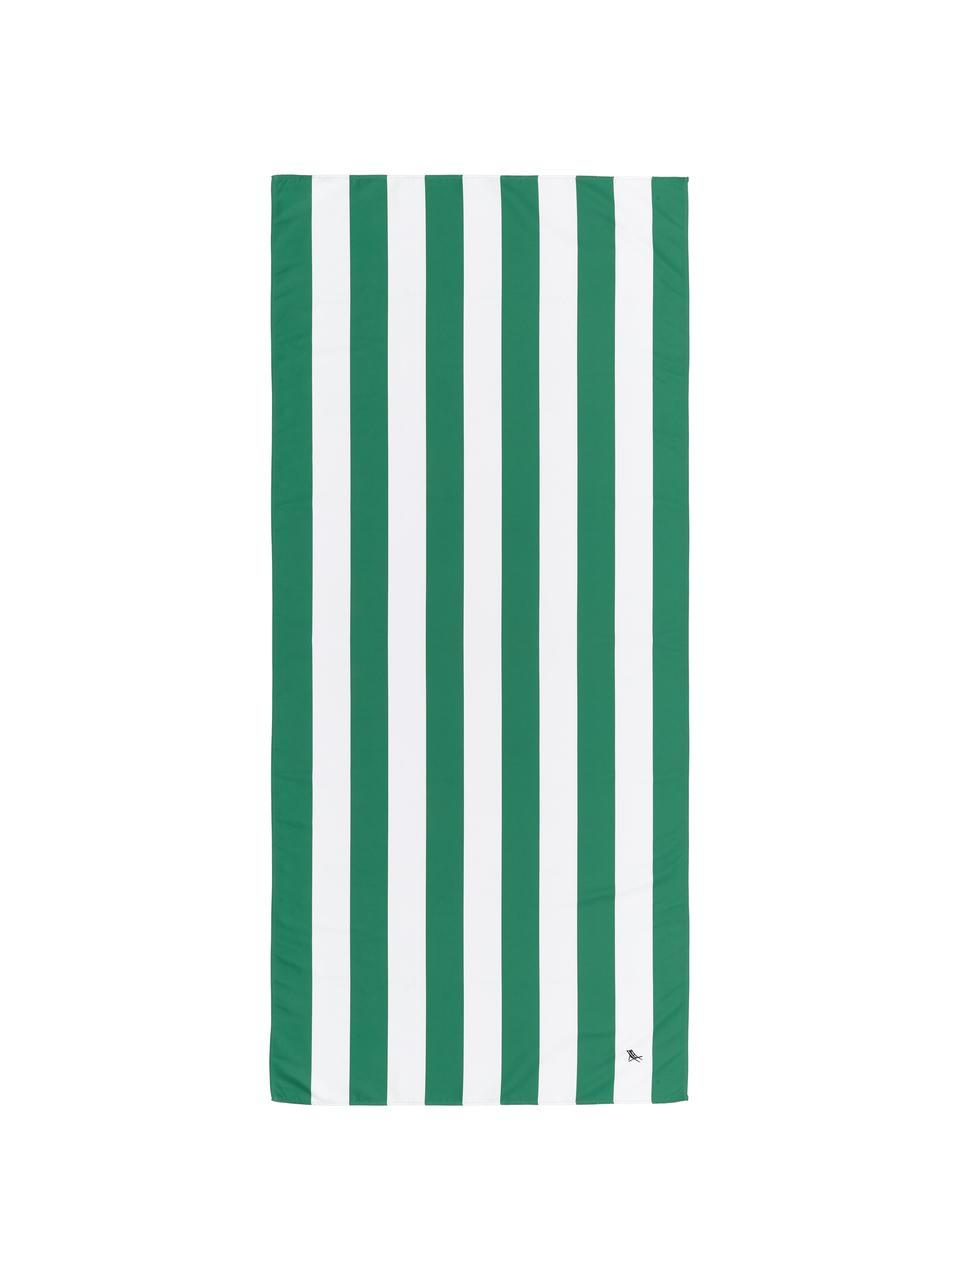 Microfaser-Strandtuch Cabana, schnell trocknend, Microfaser (80% Polyester, 20% Polyamid), Grün, Weiß, 90 x 200 cm